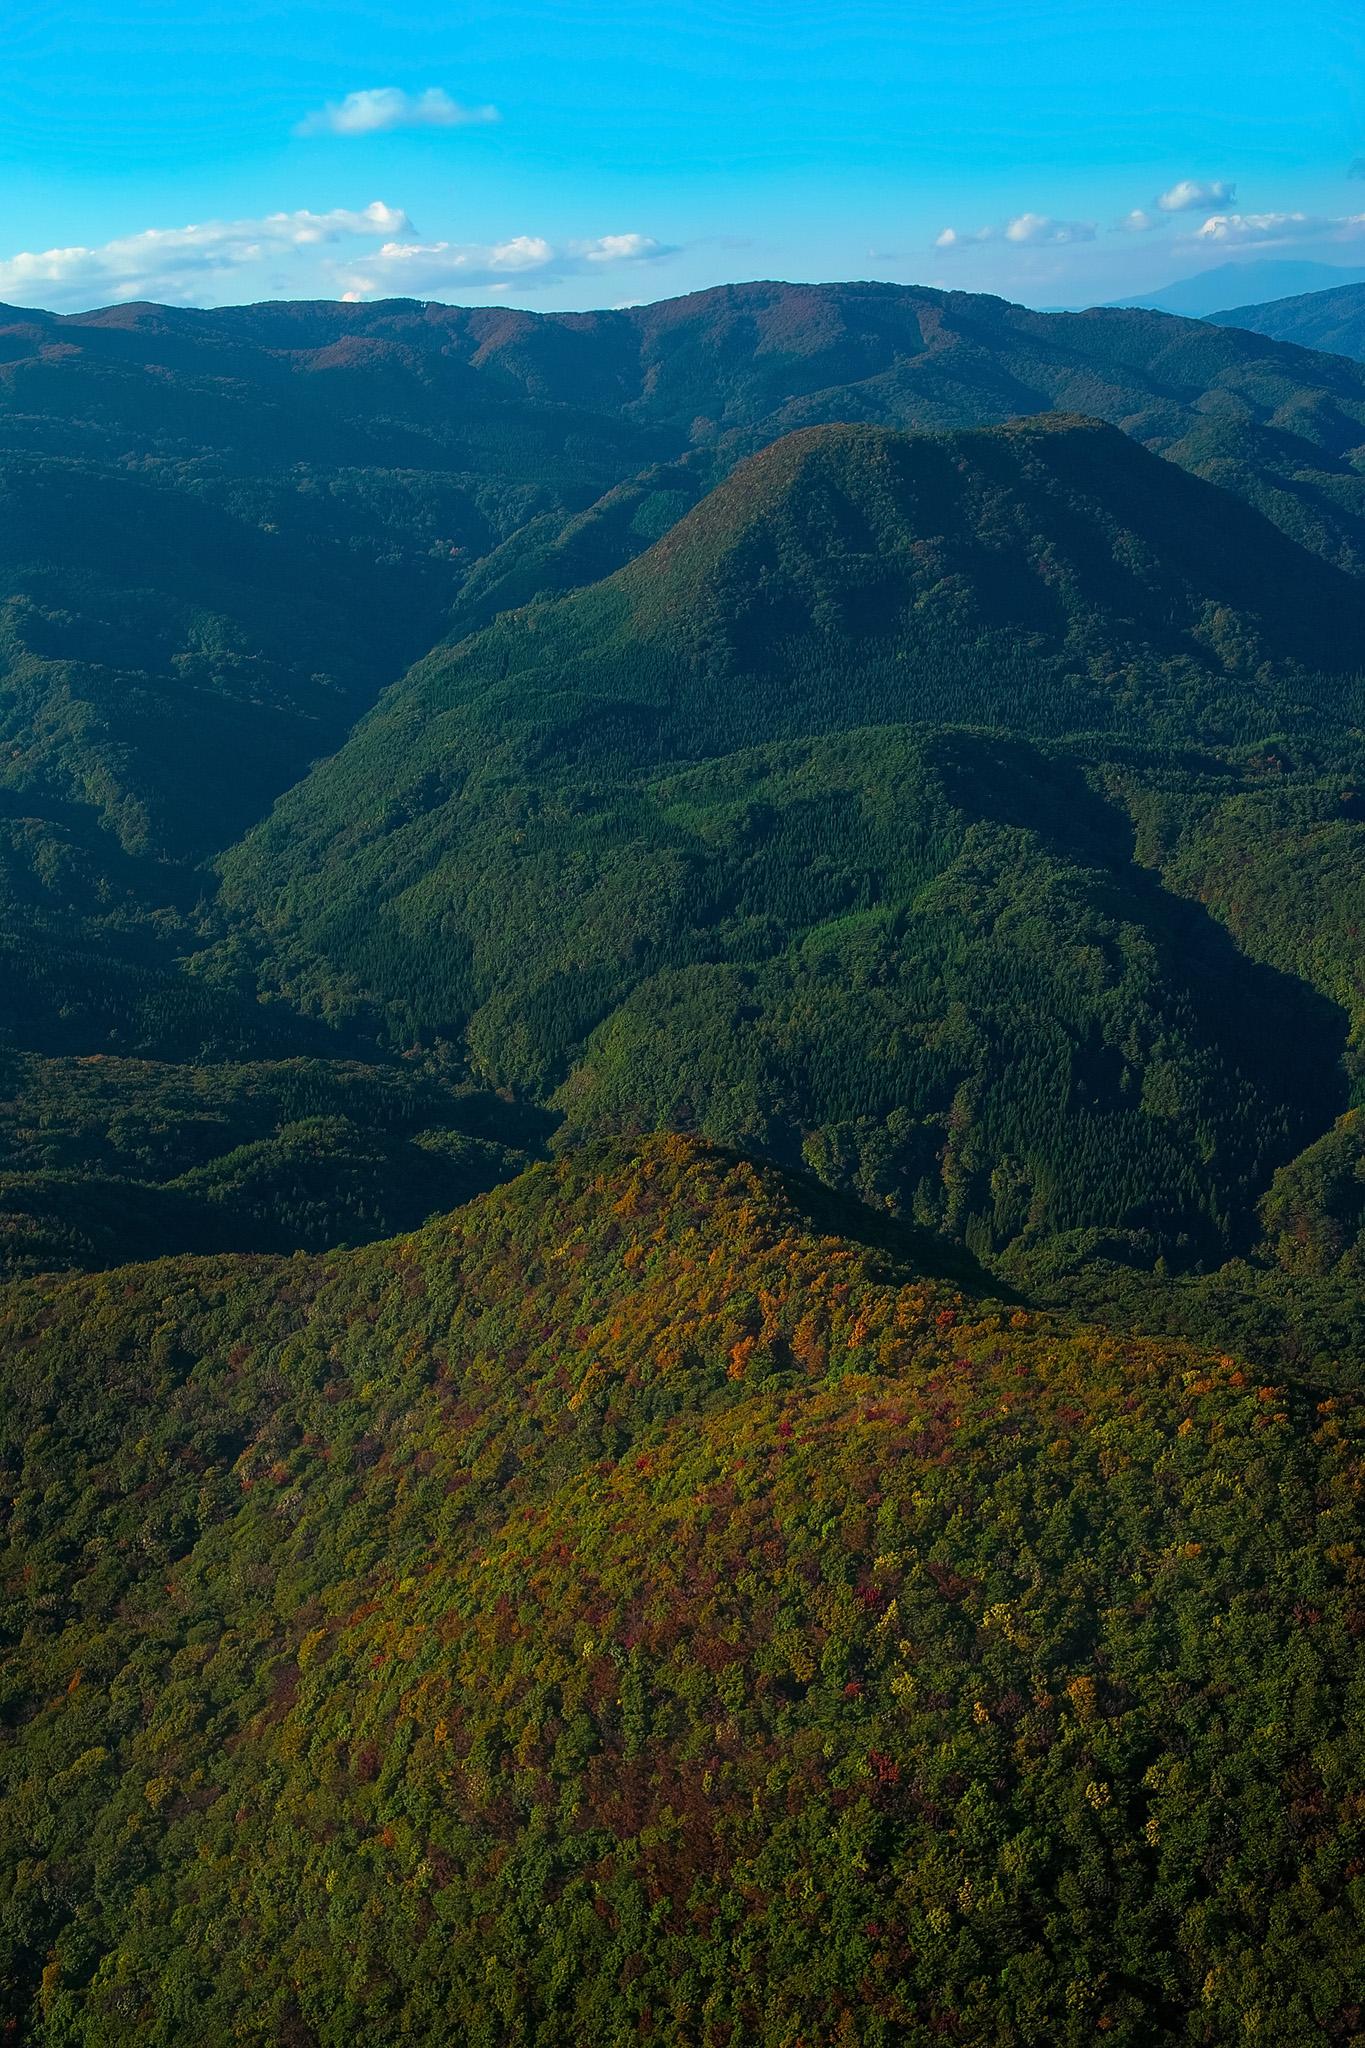 「木々が色づき始める秋の山」の画像を無料ダウンロード